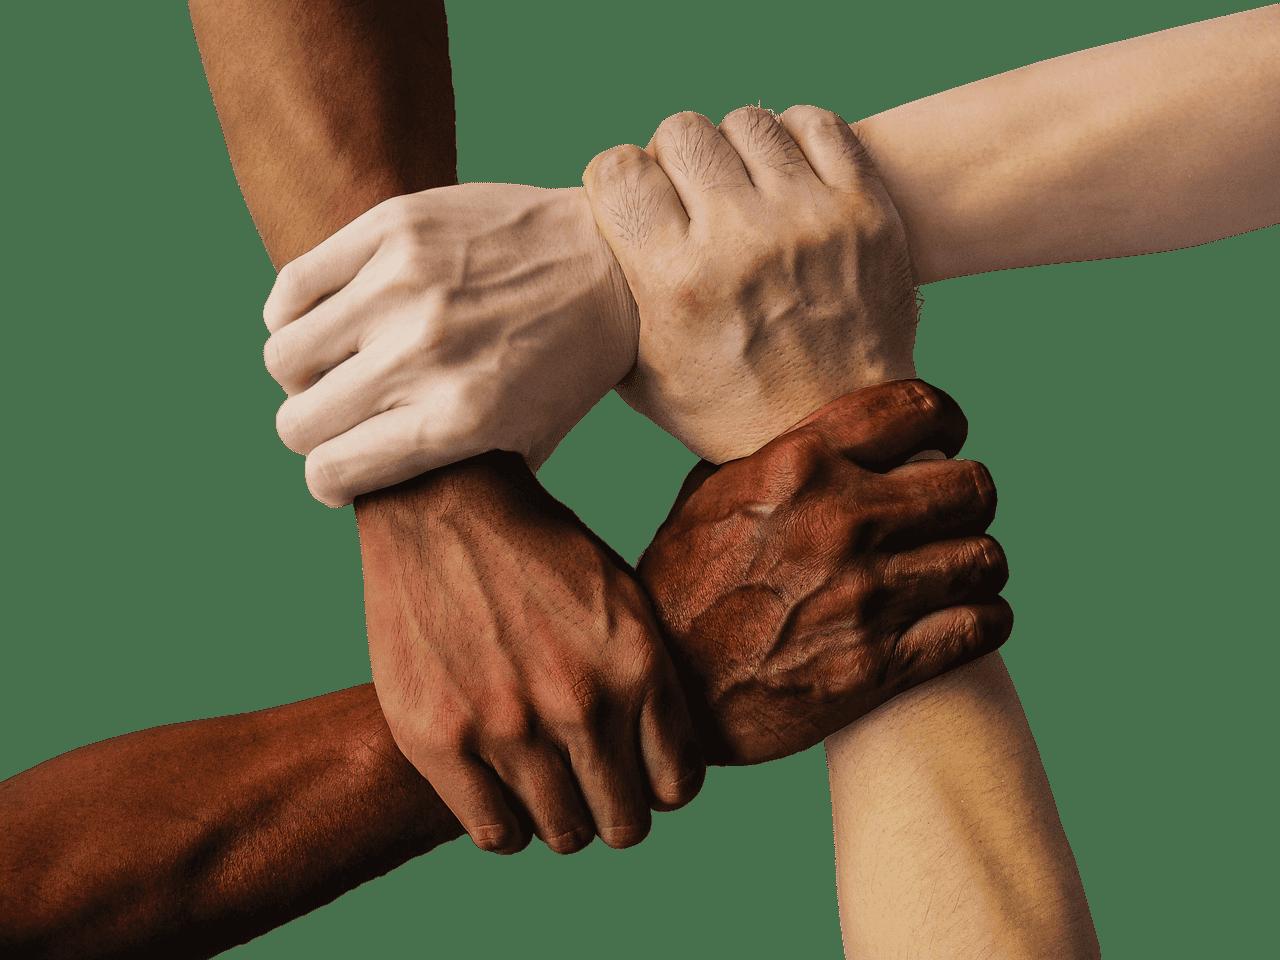 ידיים בצבעי עור שונים אוחזות זו בזו